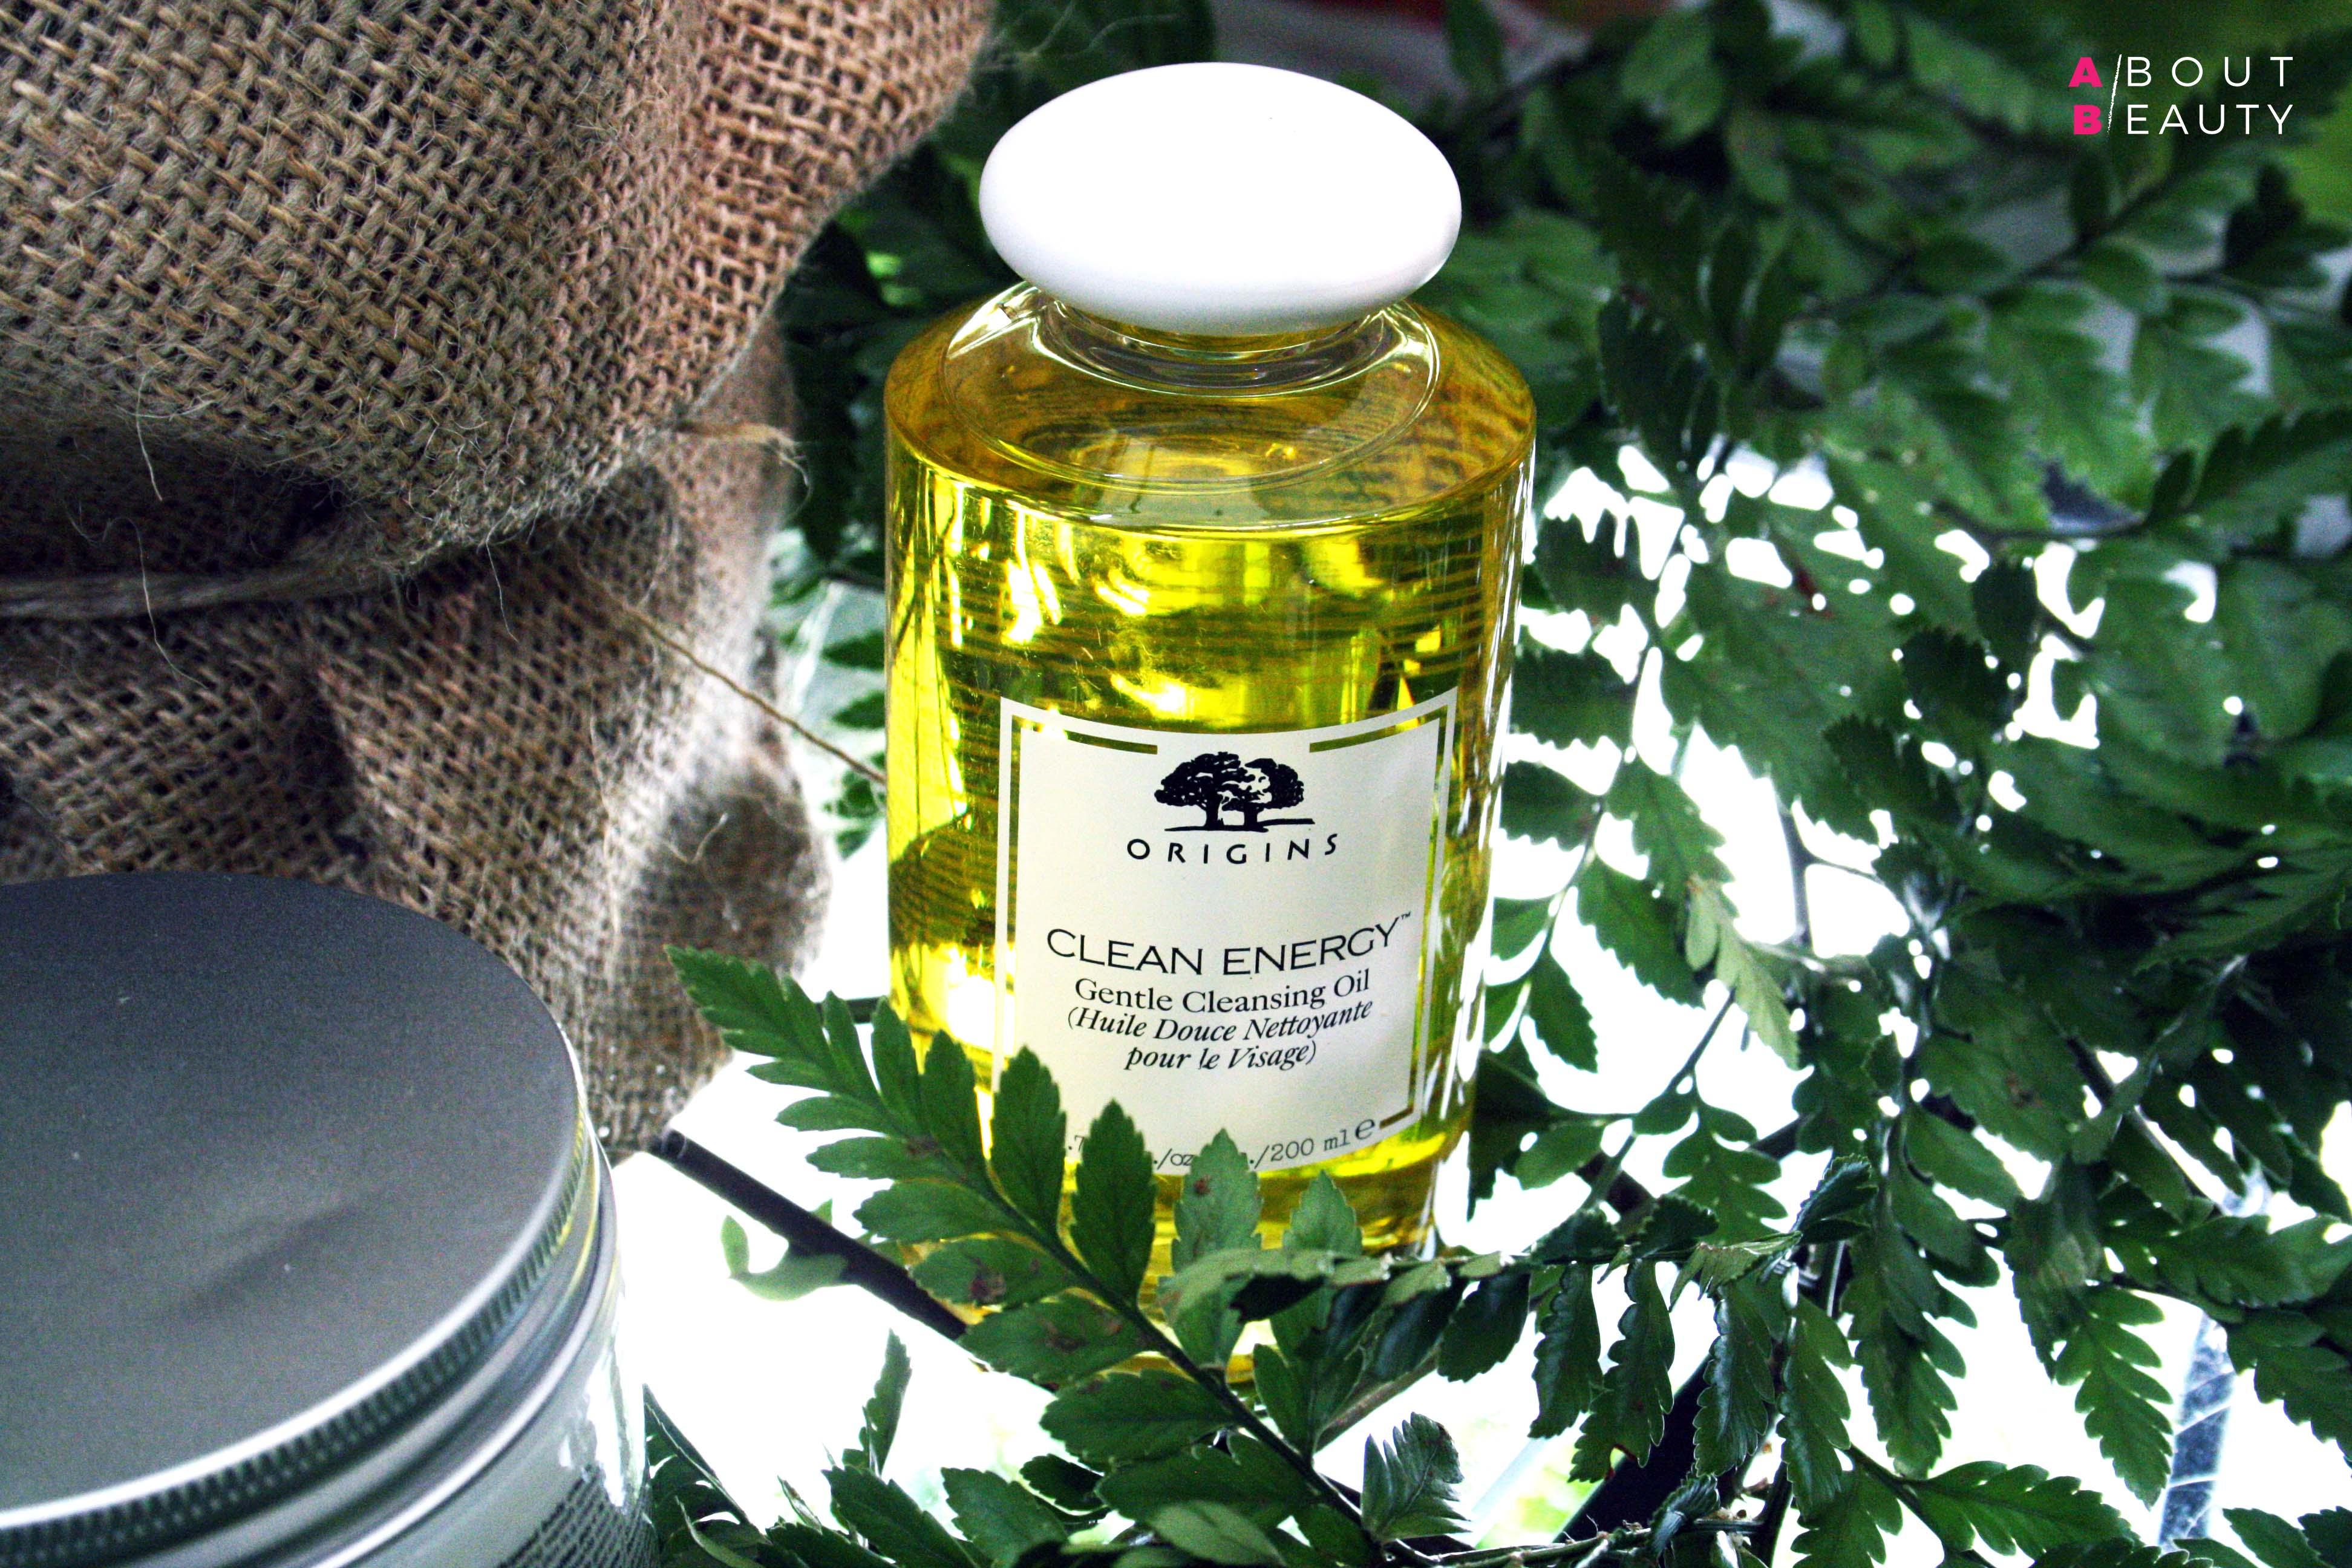 Origins arriva da Sephora con le sue linee skincare naturali: tutte le info foto e prezzi - Clean Energy Gentle Cleansing Oil